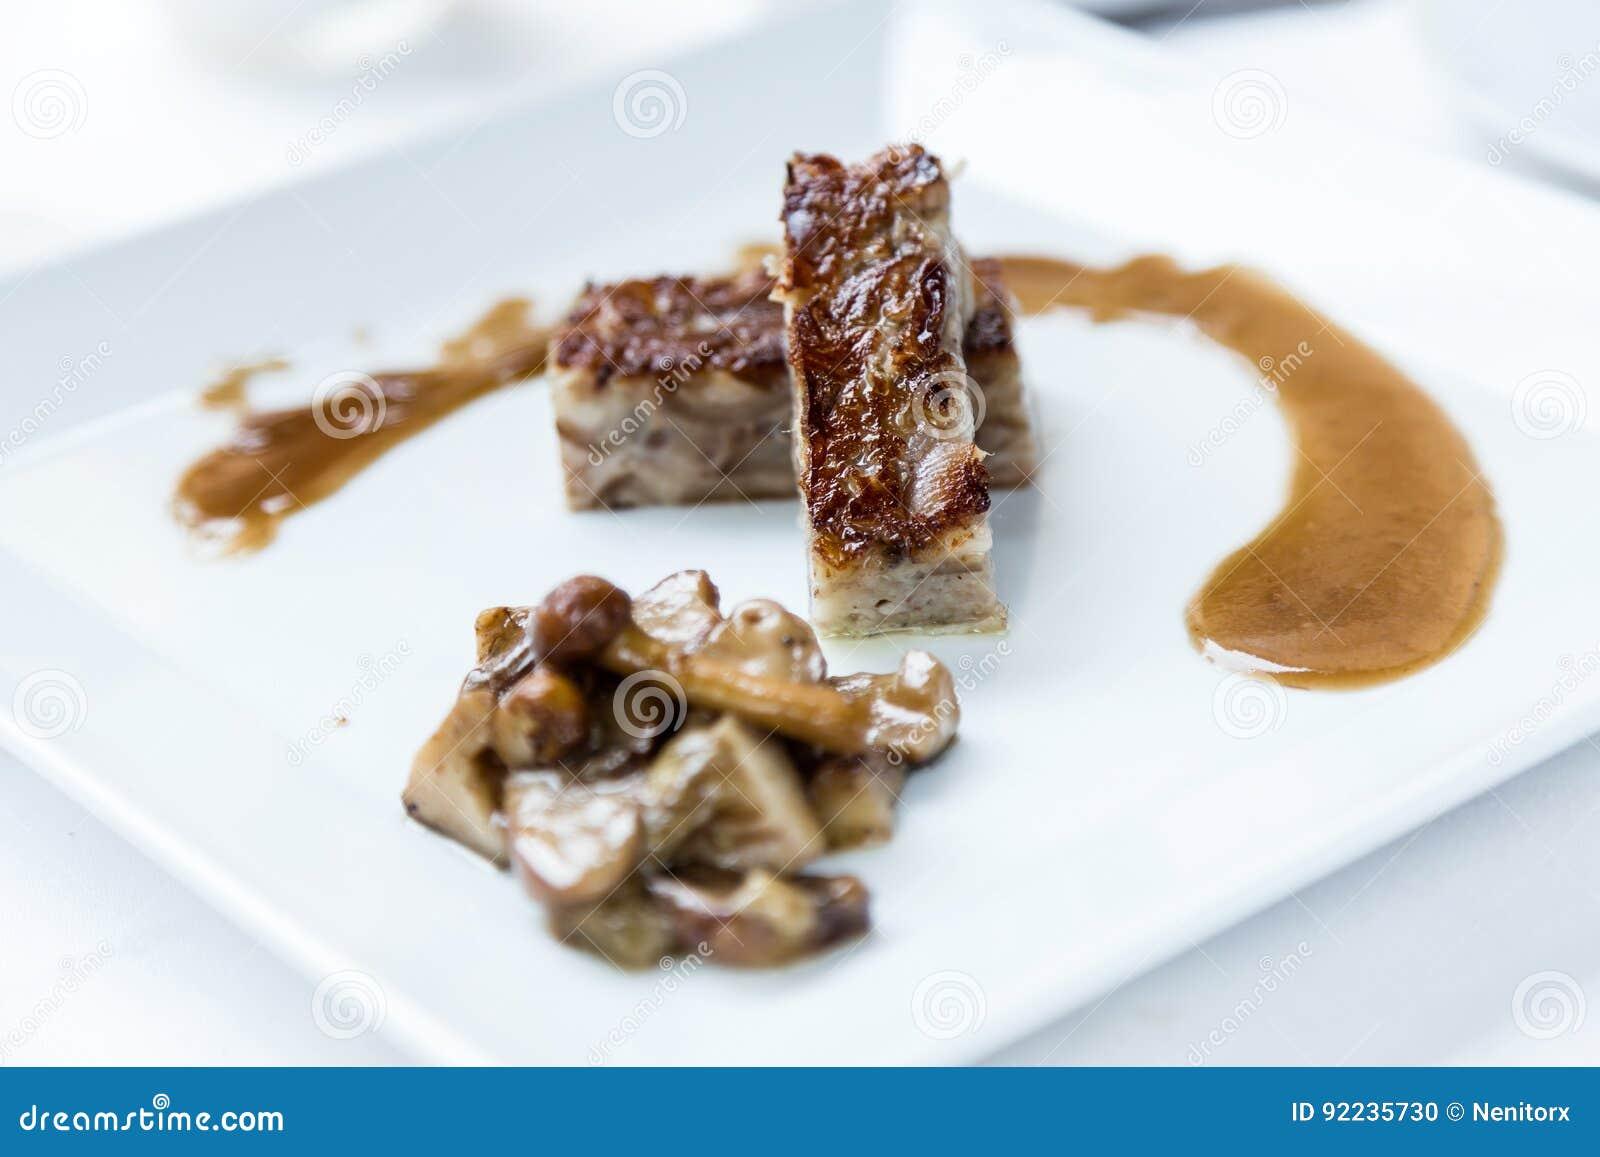 Εύγευστο meatloaf της σύγχρονης κουζίνας στη χαμηλή θερμοκρασία με τη σάλτσα μανιταριών